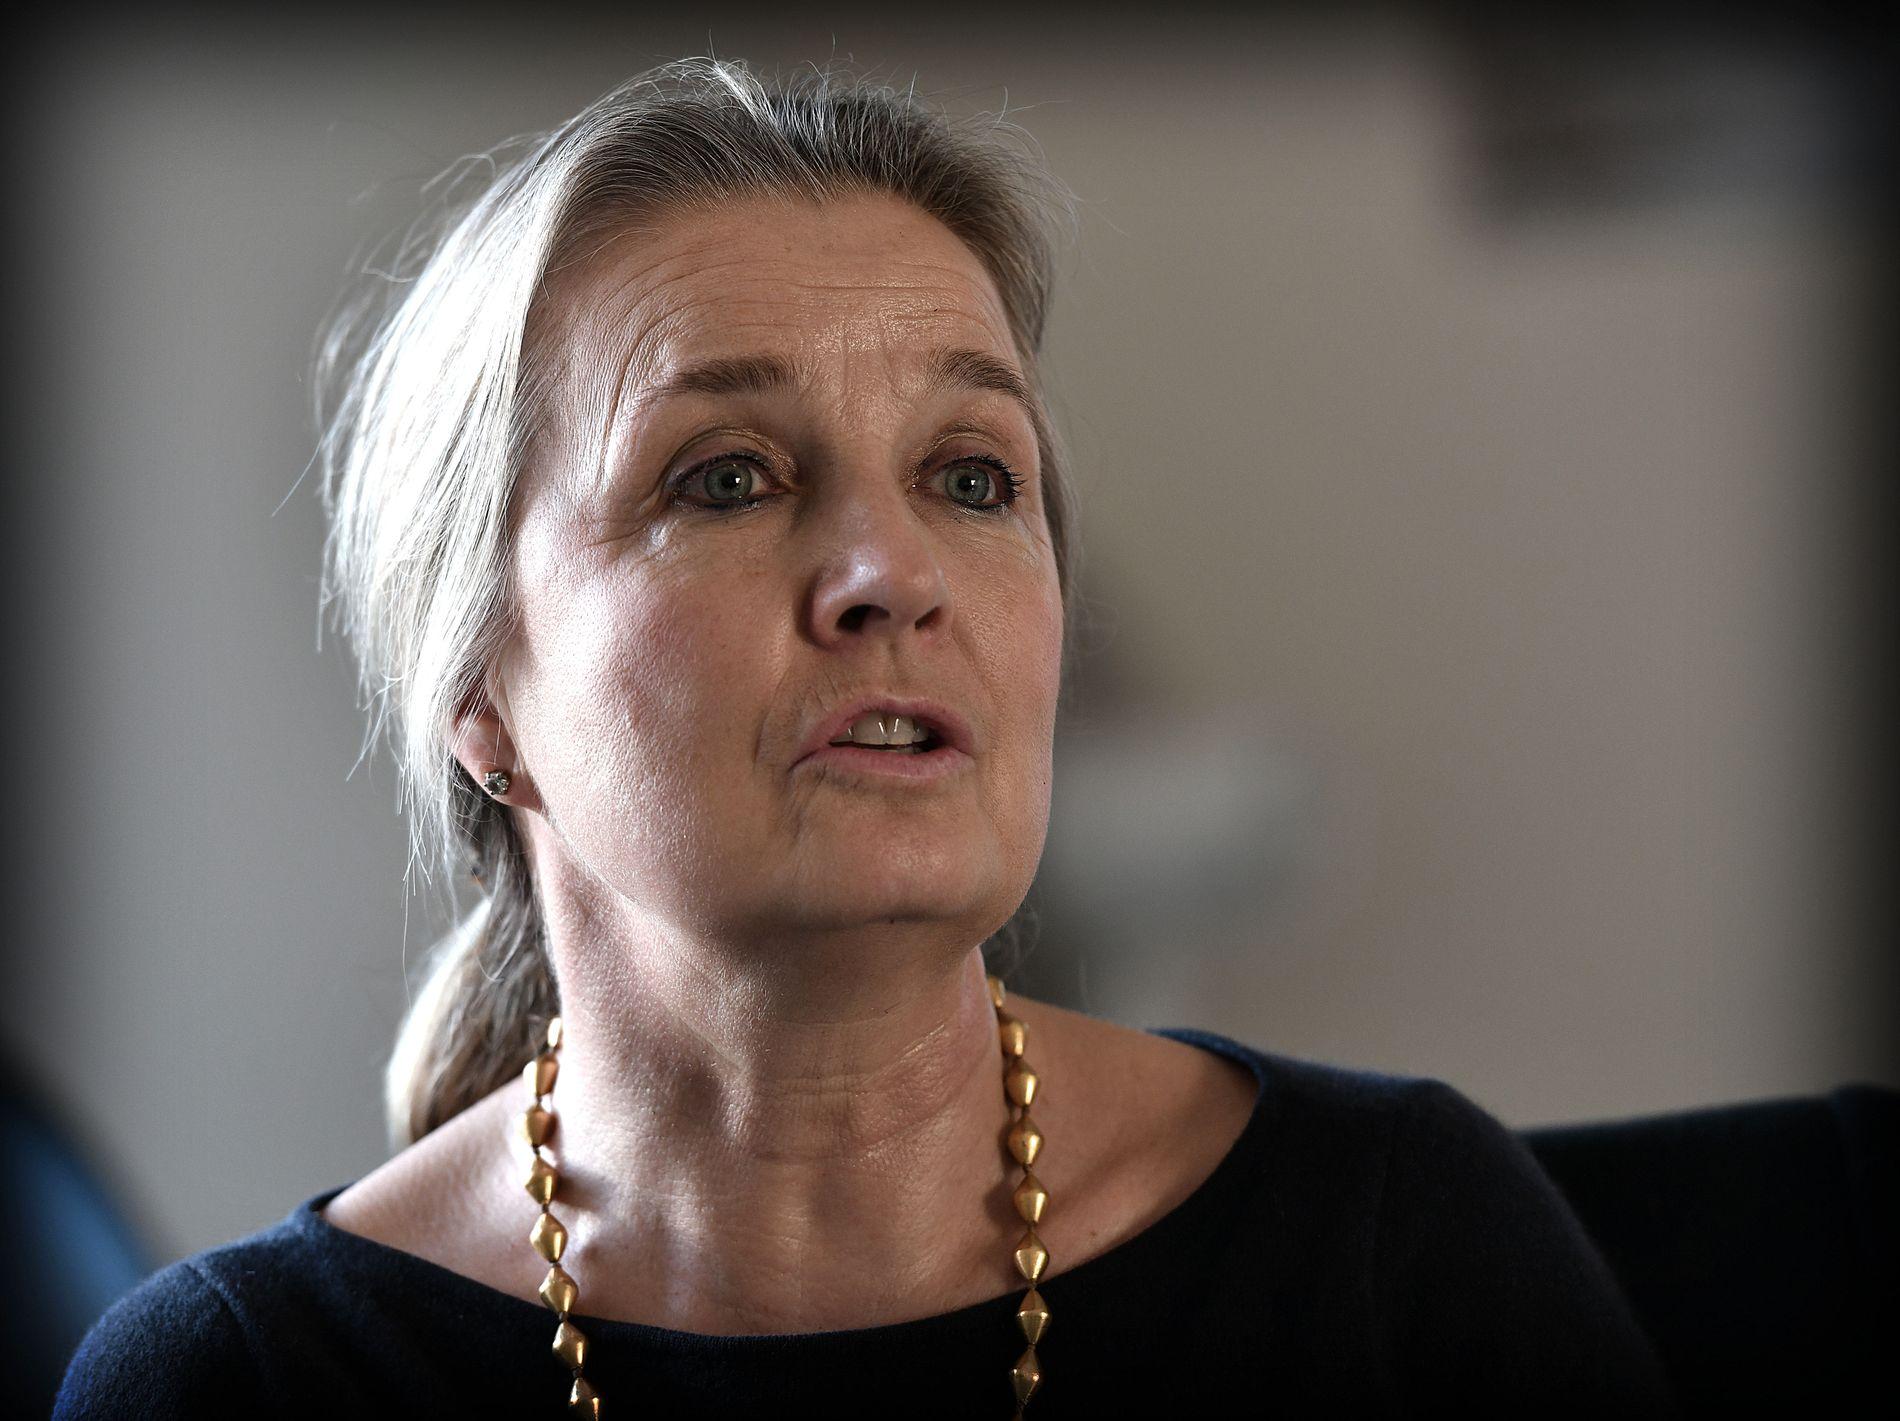 FORSØKER Å HJELPE: Elizabeth Hoff fra Ålesund er den lengstværende internasjonale hjelpearbeideren i Syria. Hun har siden 2012 ledet WHOs arbeid i Syria. VG møtte henne i Damaskus i januar.